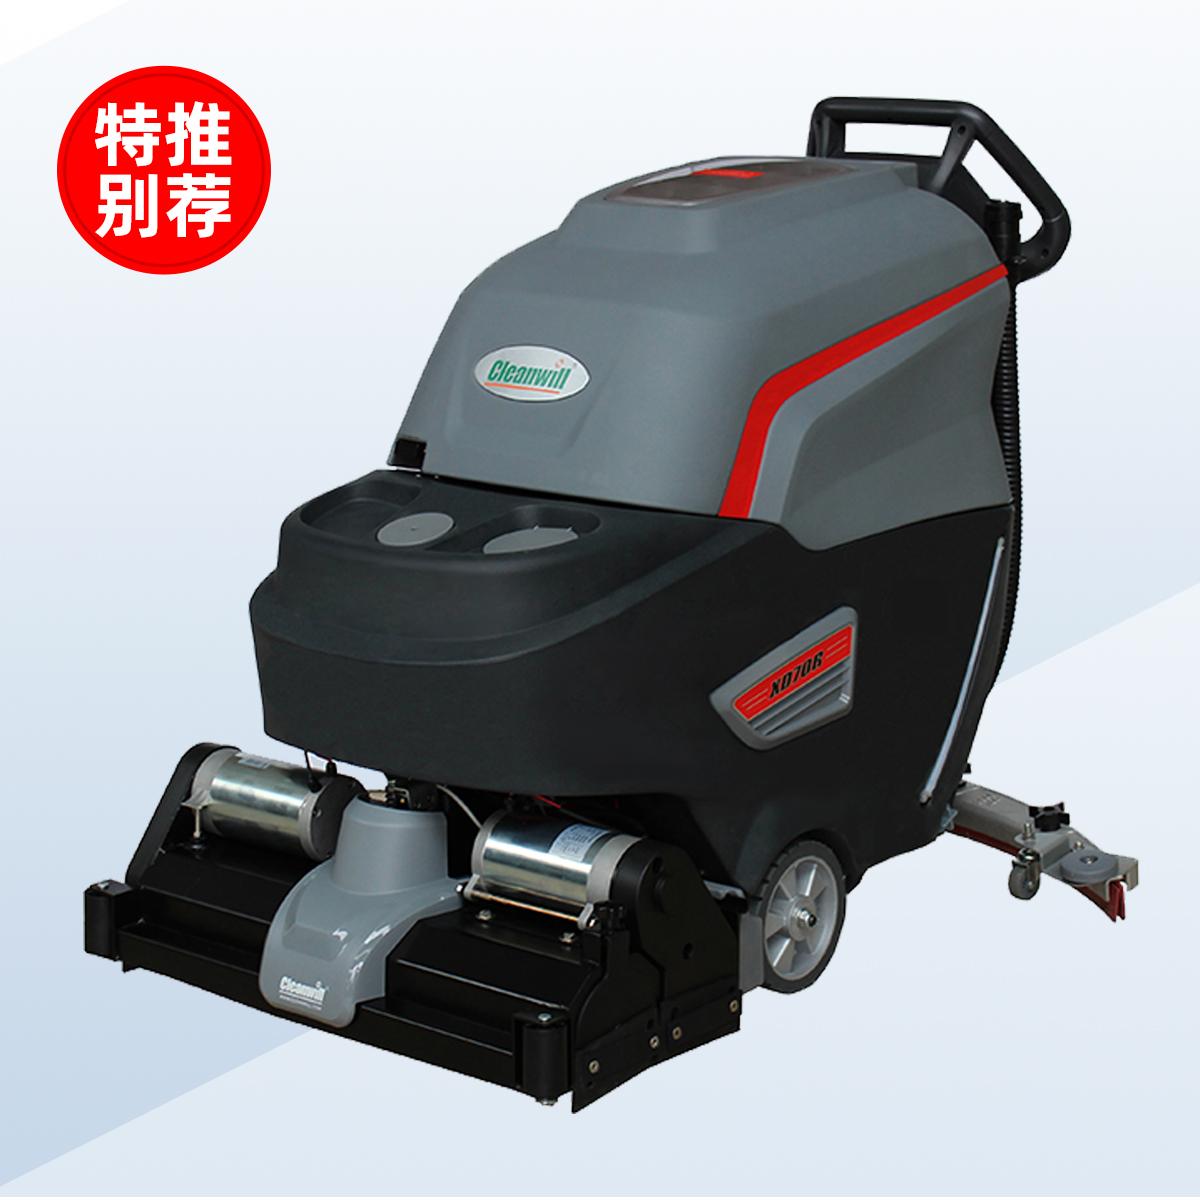 克力威XD70R全自动洗扫一体机